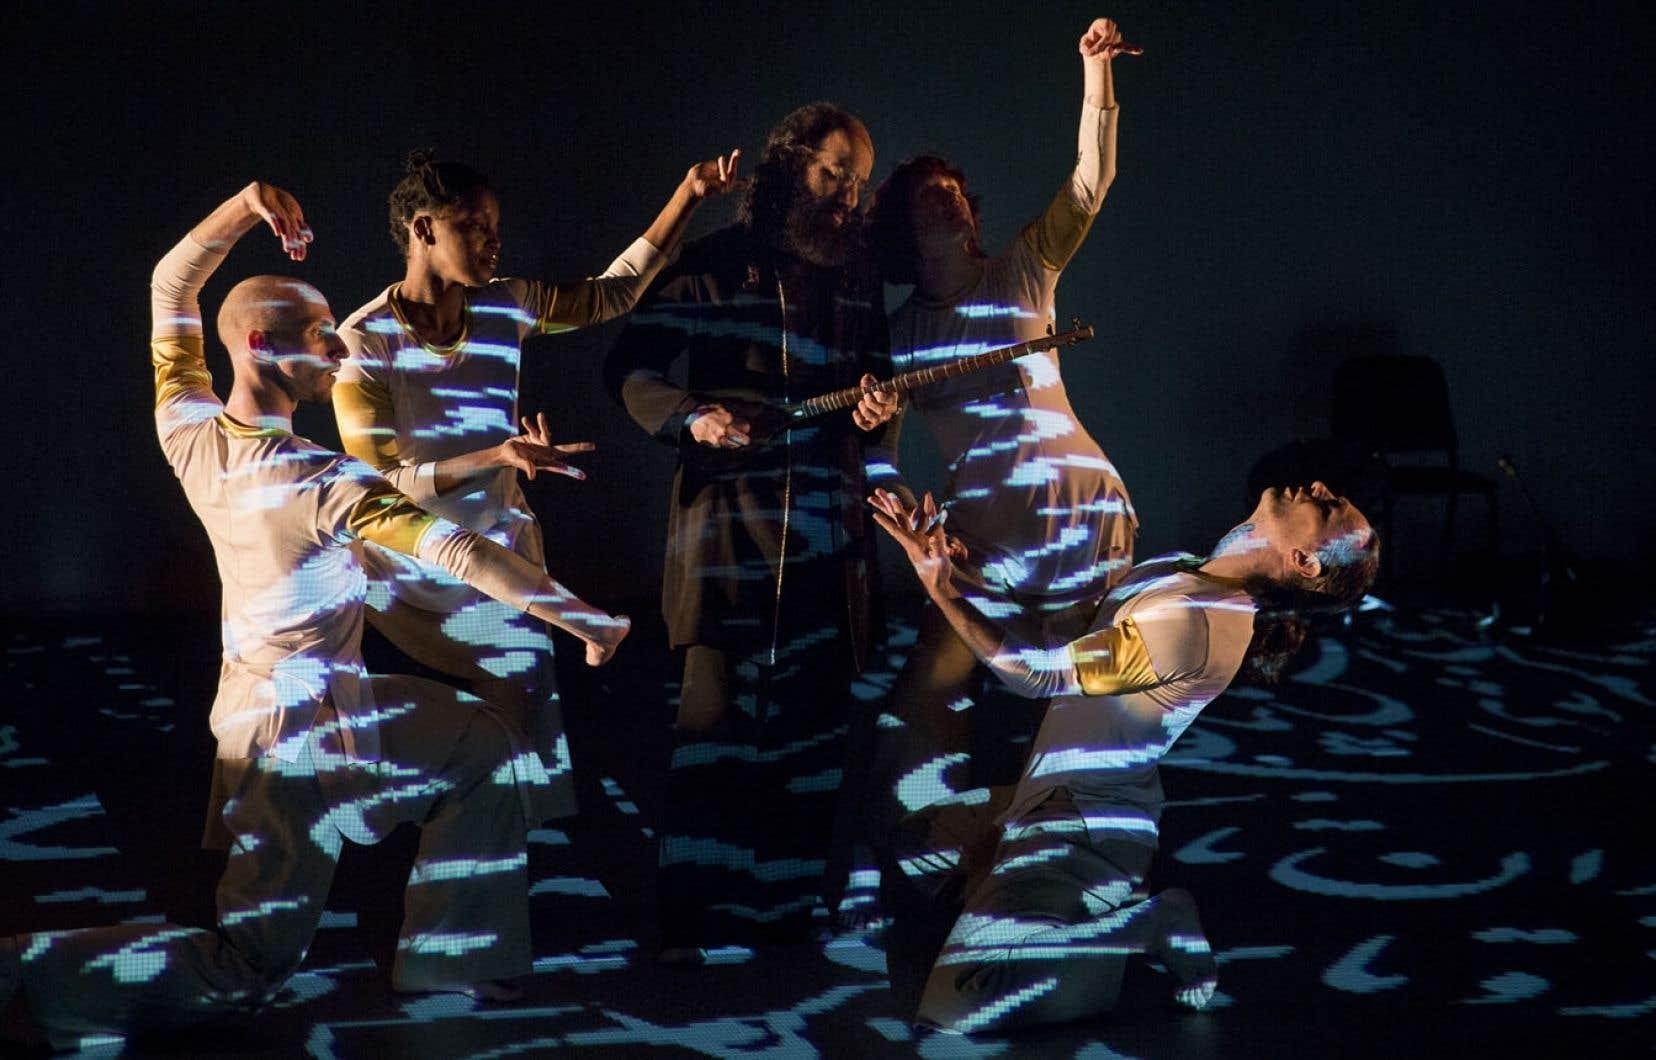 La pièce met en scène quatre danseurs et trois musiciens.